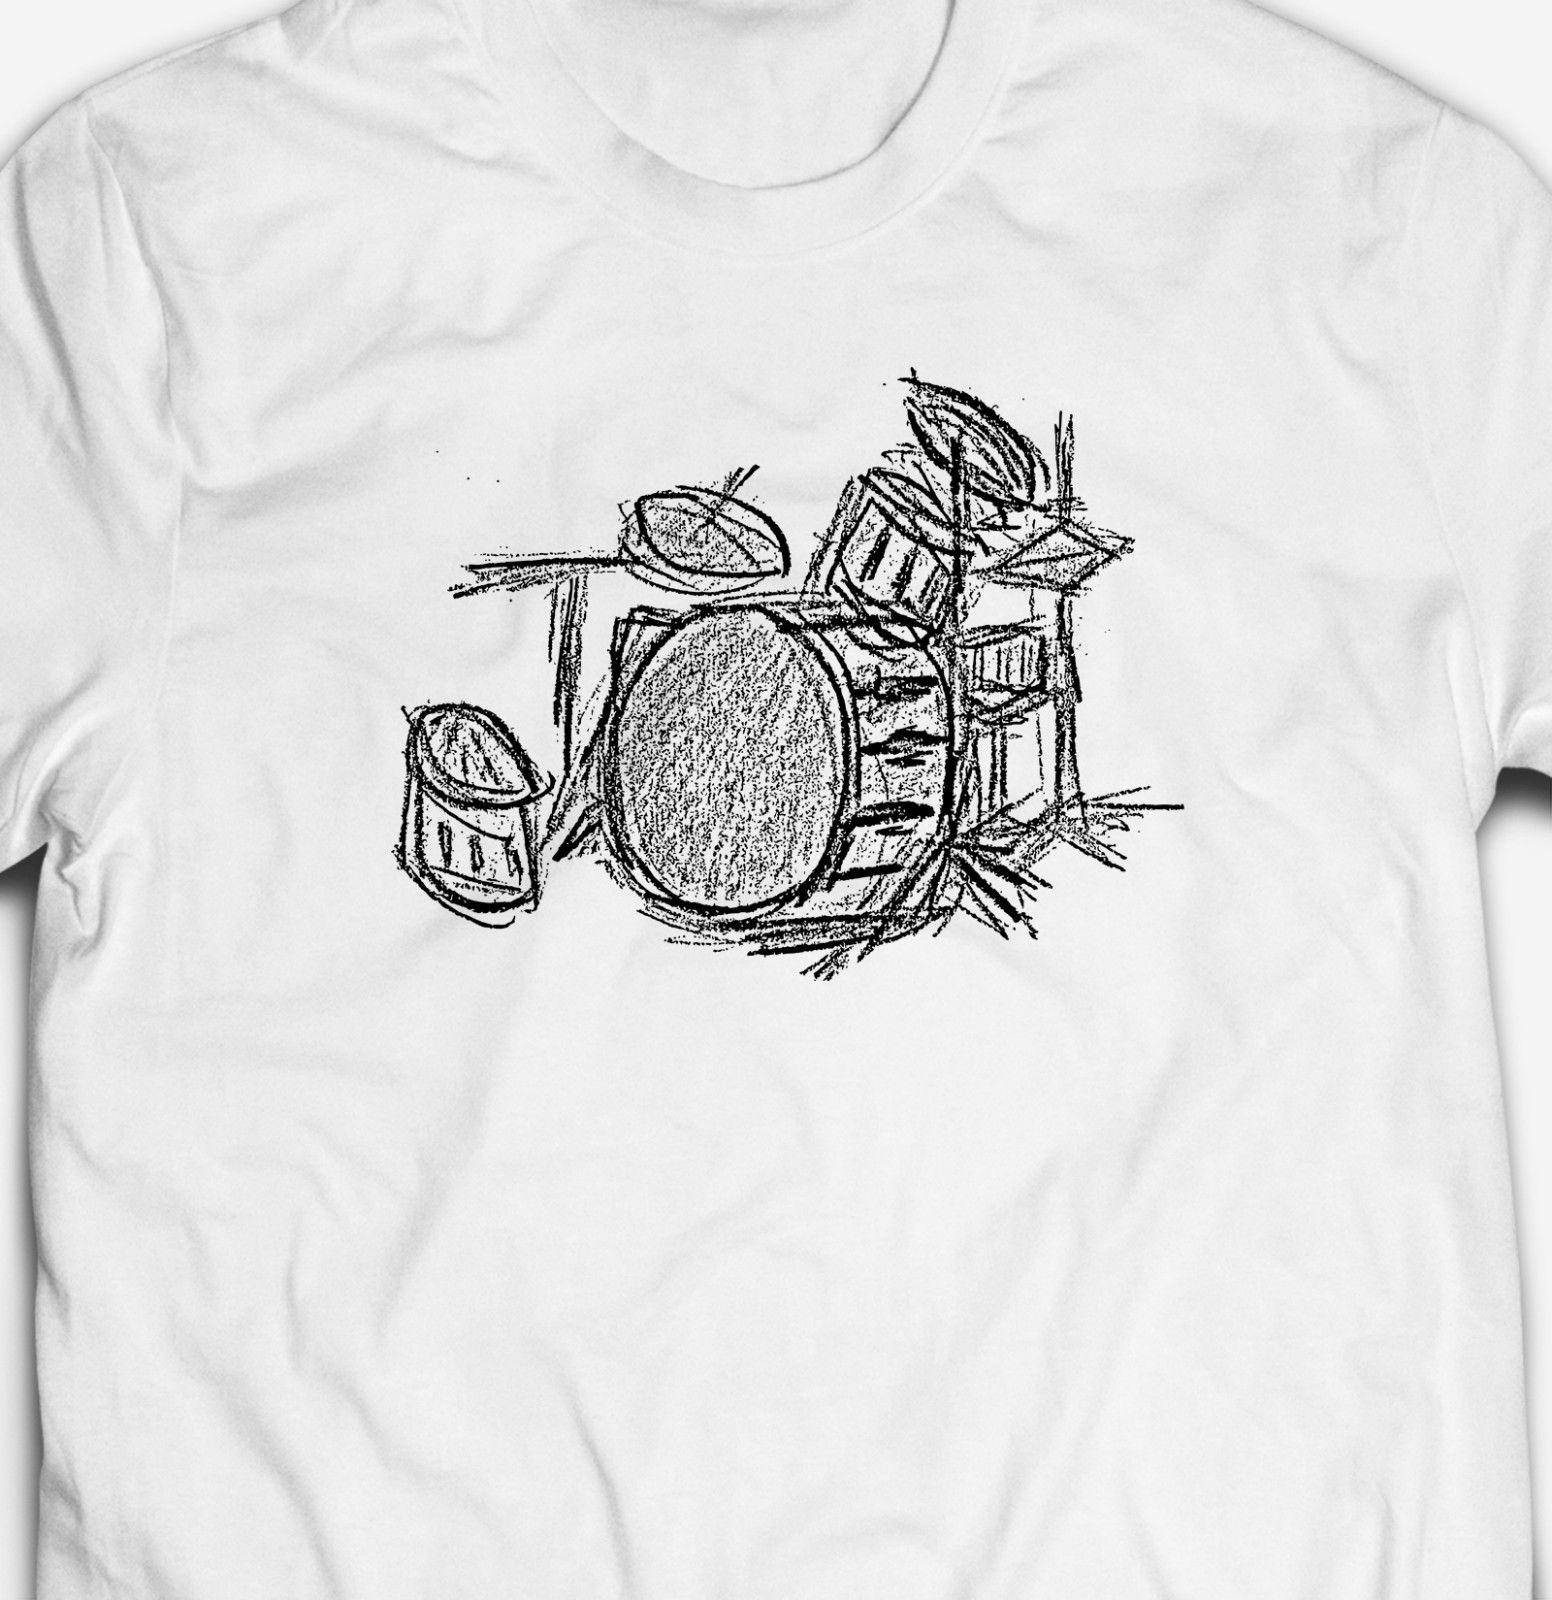 Official Premier Drums Vintage Flag T-Shirt Michael Schumm John Keeble Drum Kit